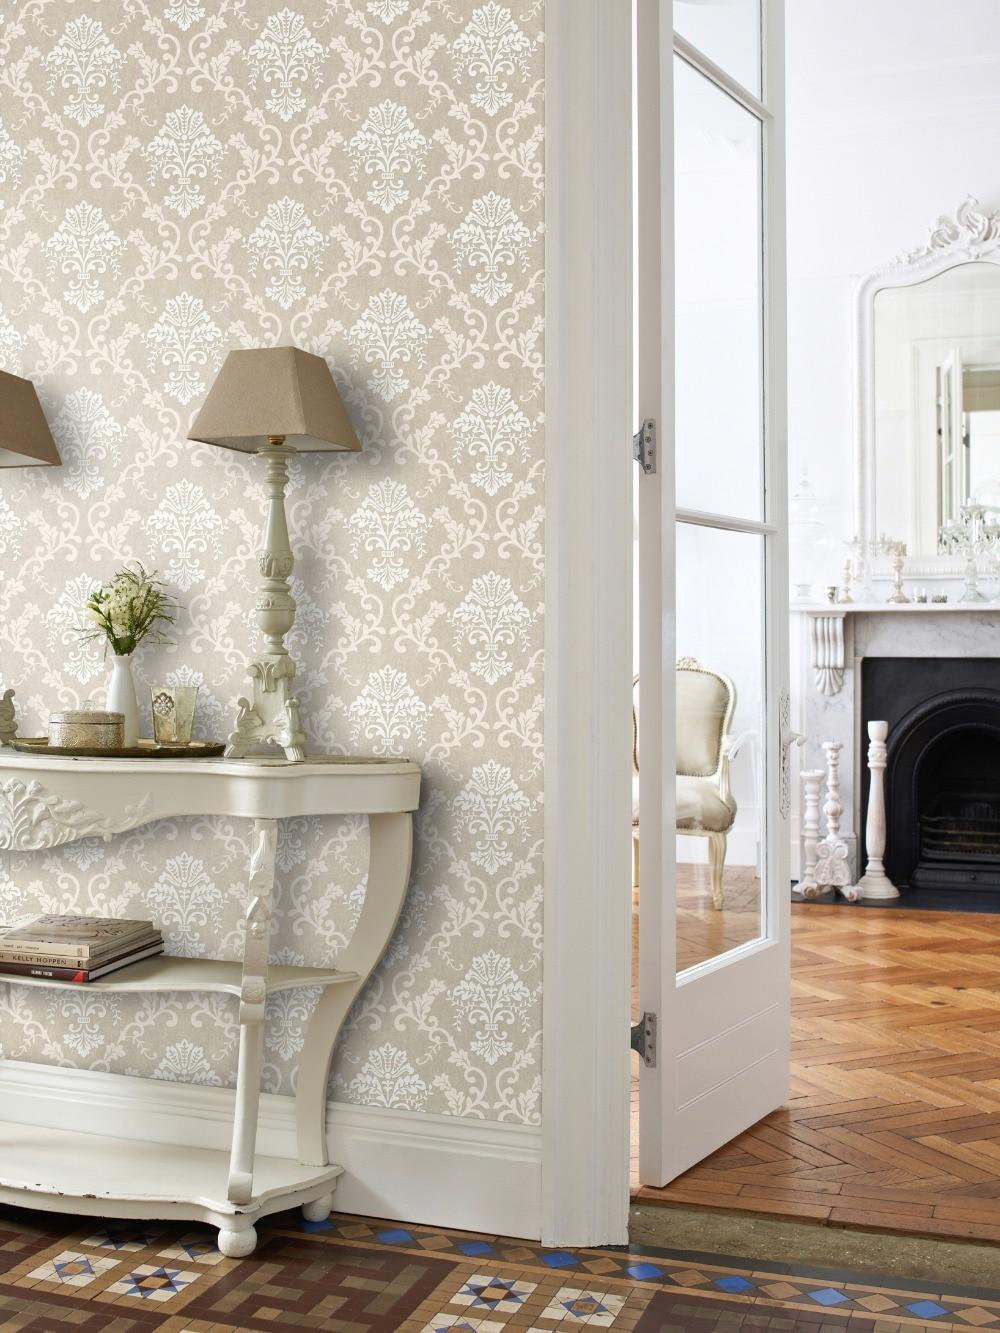 tienda online damasco floral papel tapiz para paredes de lujo d de pared del rollo de papel para el dormitorio sala dormitorio decoracin del hogar papel